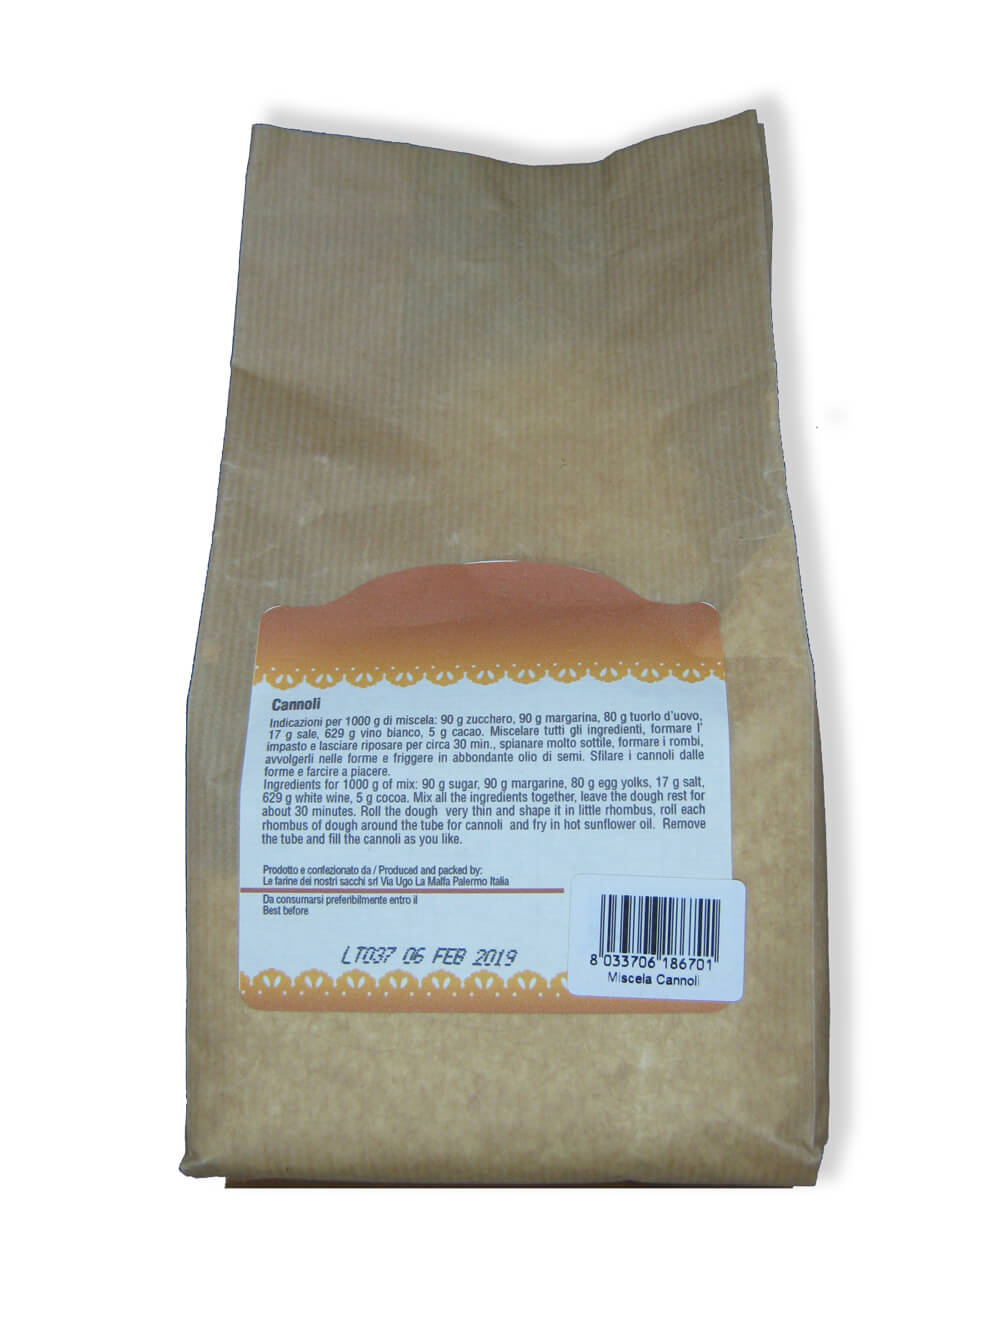 immagine miscela cannoliLe farine dei nostri sacchi retro